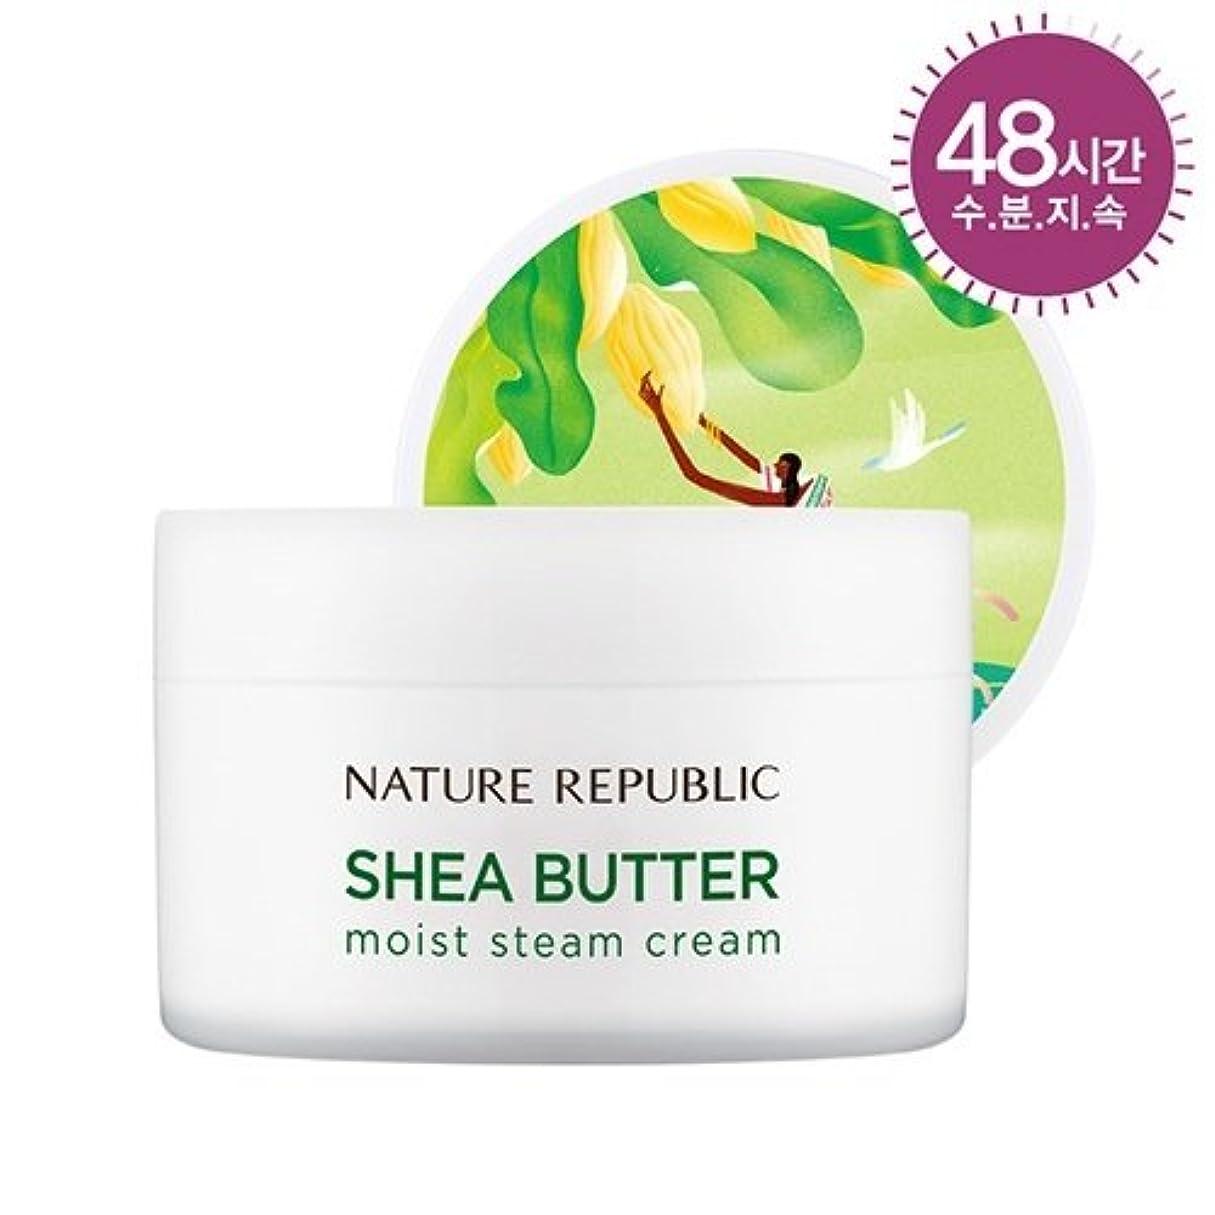 破壊するブラスト化学薬品NATURE REPUBLIC(ネイチャーリパブリック) SHEA BUTTER STEAM CREAM シアバター スチーム クリーム #モイスト乾燥肌